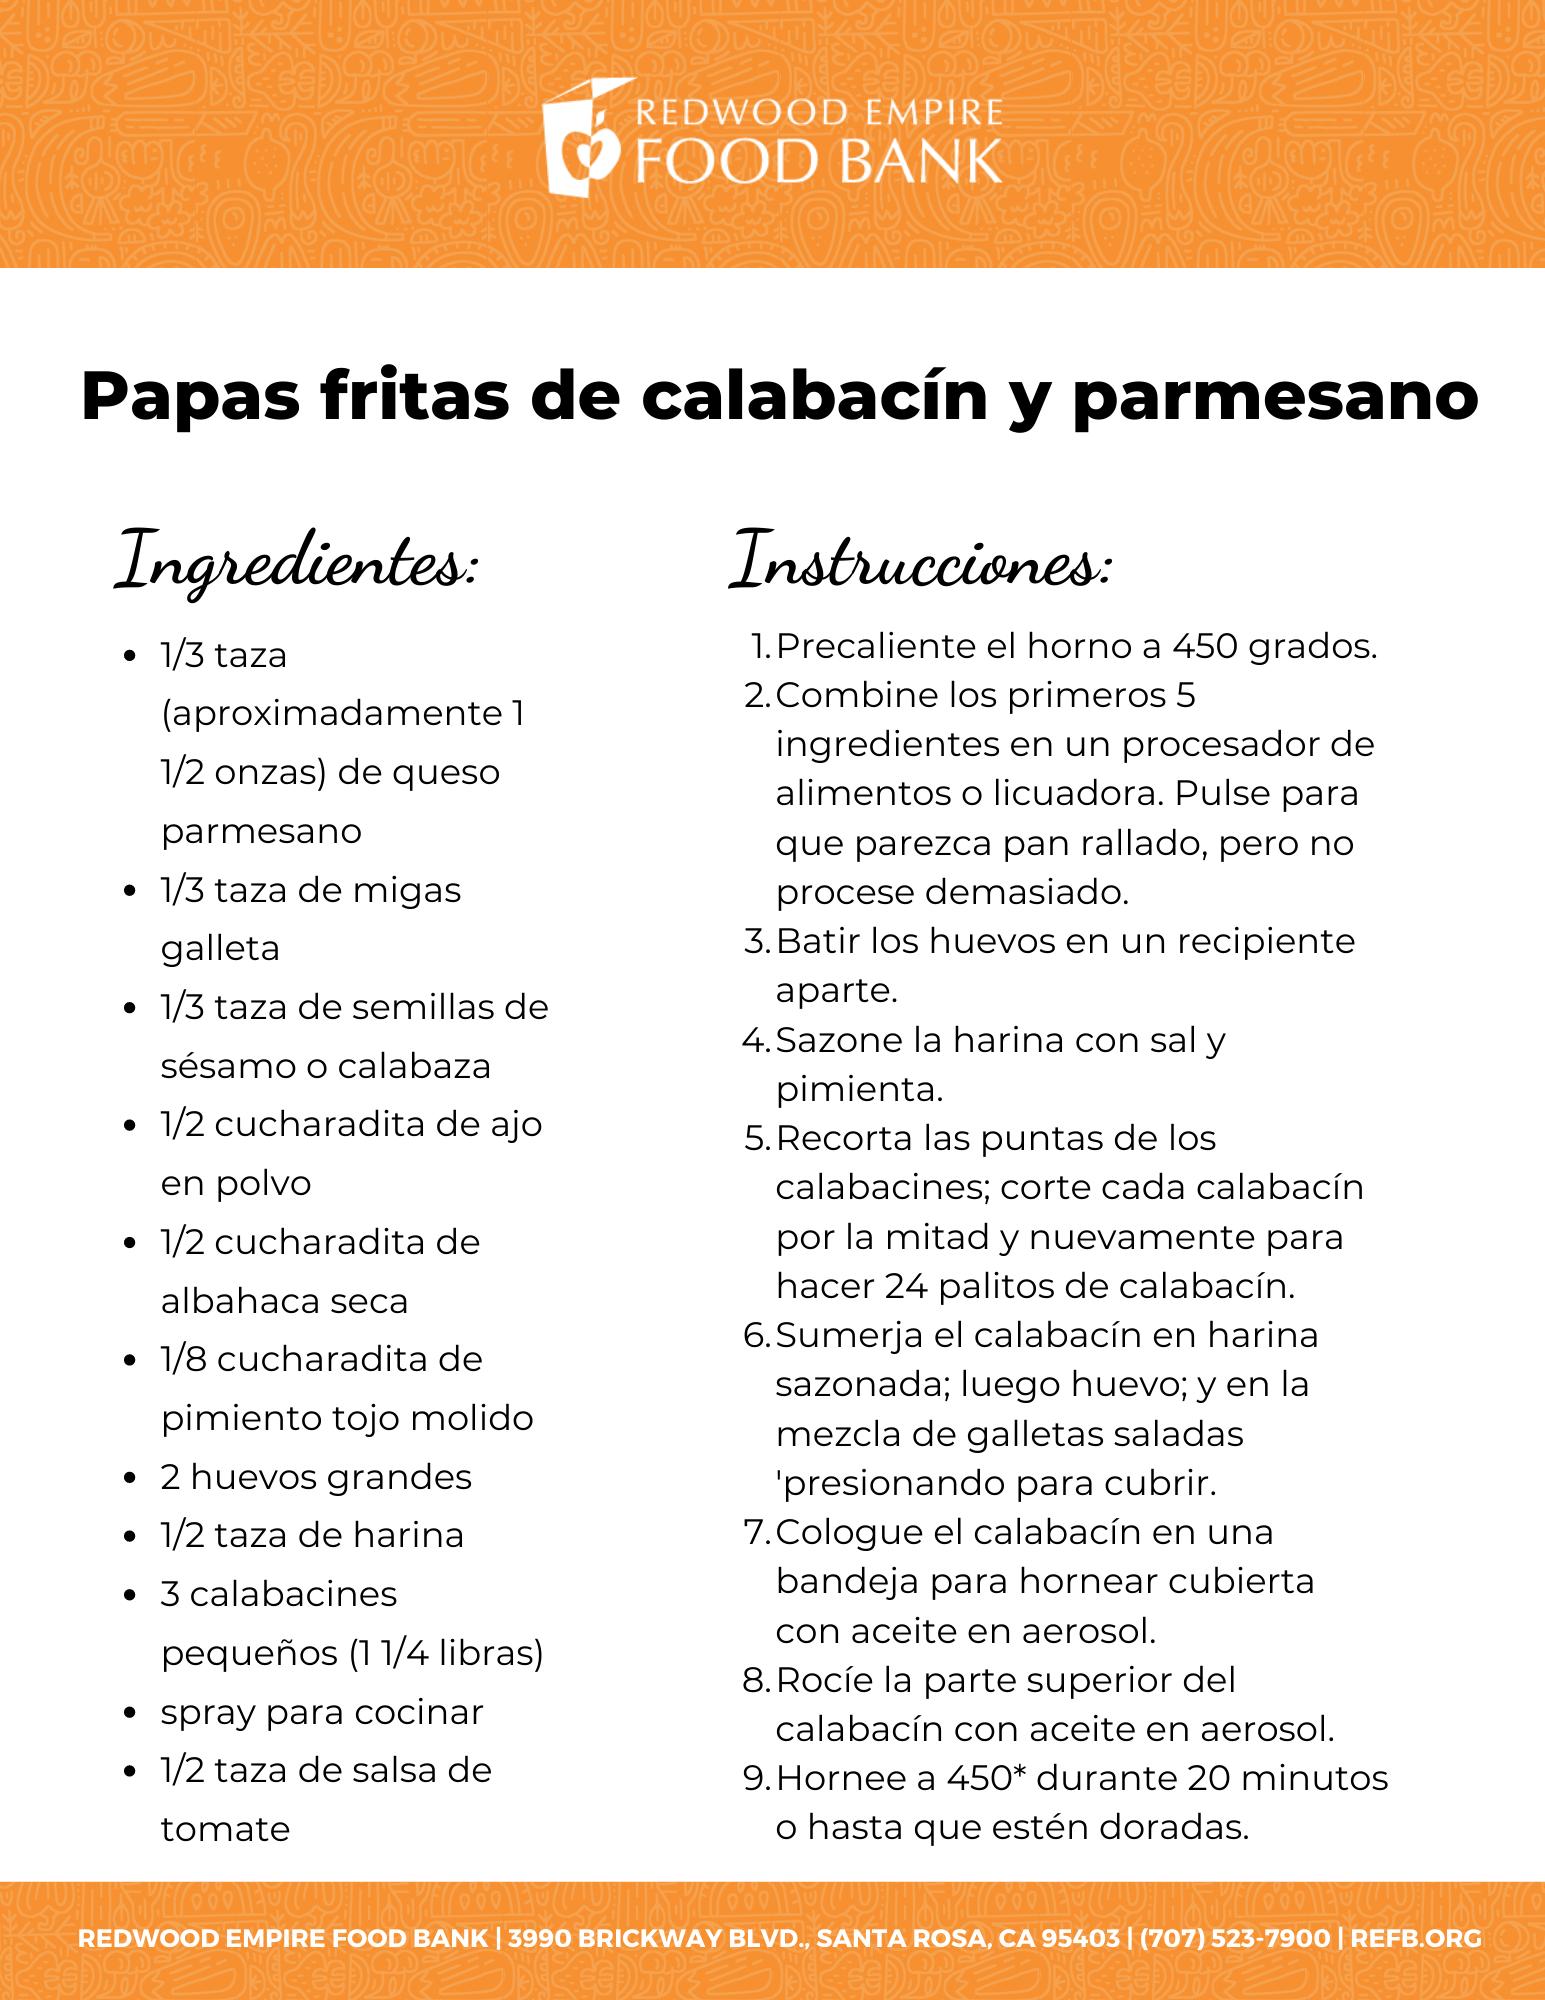 Papas fritas de calabacín y parmesano